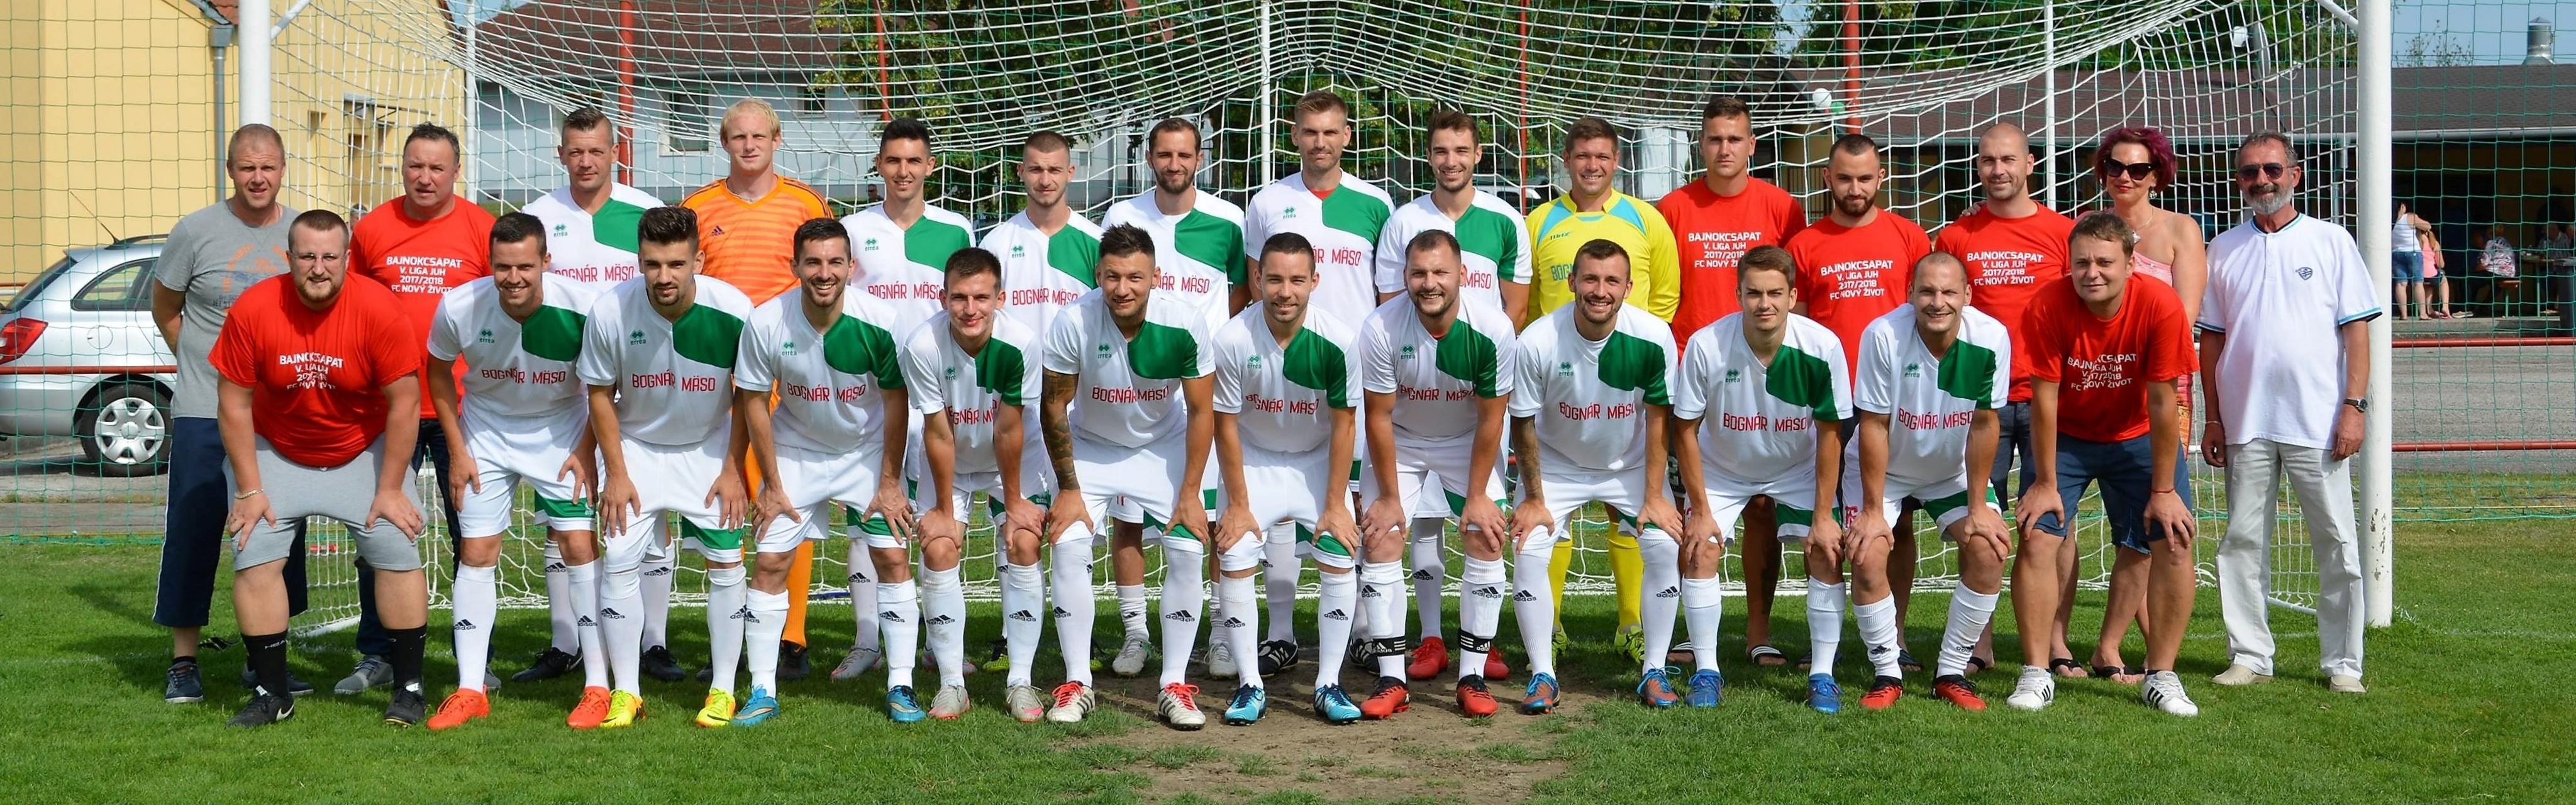 V. liga Juh ZsFZ: FC Nový Život suverénne vyhral súťaž, šancu na postup tentokrát využijú